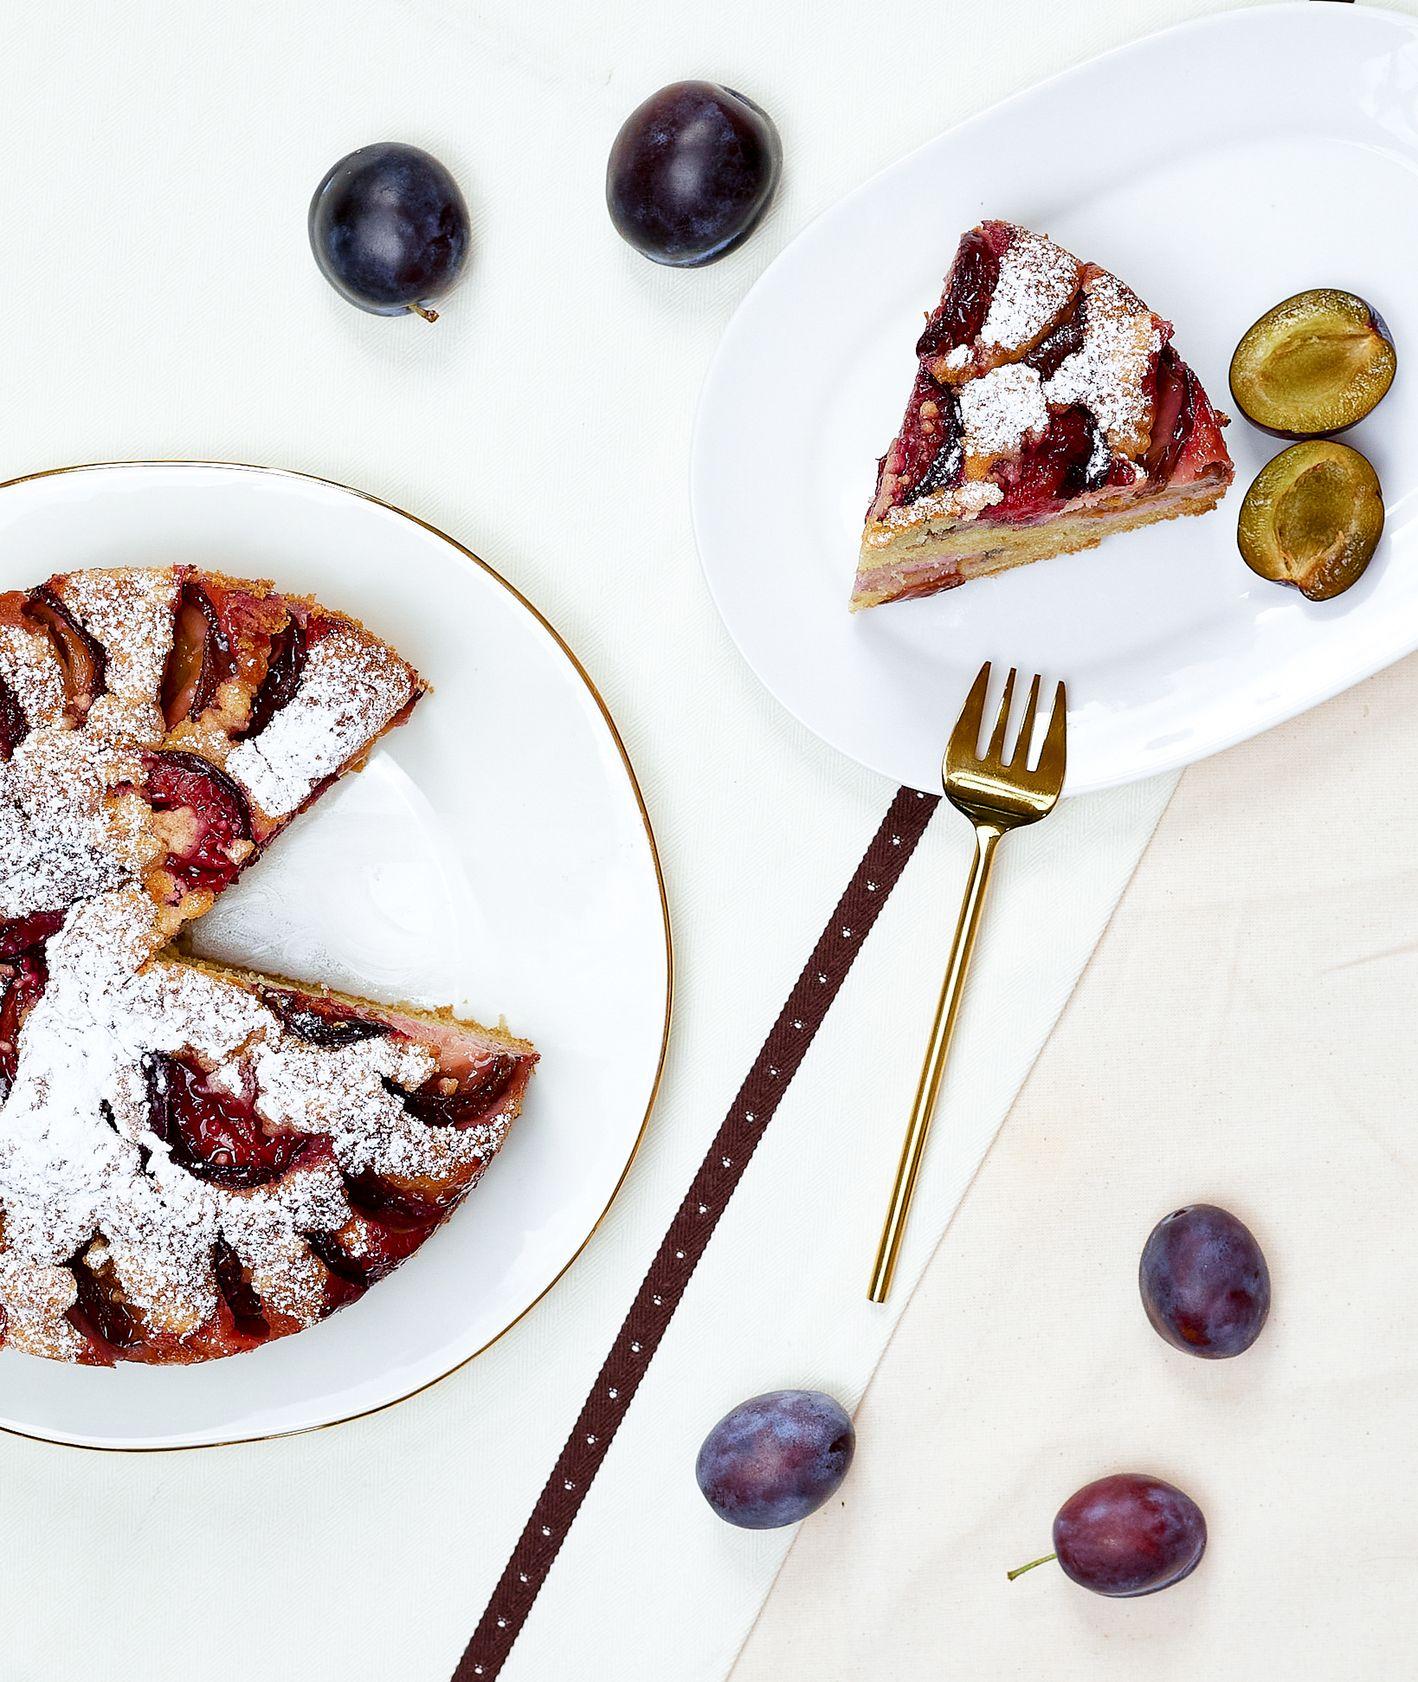 Klasyczne ucierane ciasto ze śliwkami z cukrem pudrem (fot. Maciej Niemojewski)